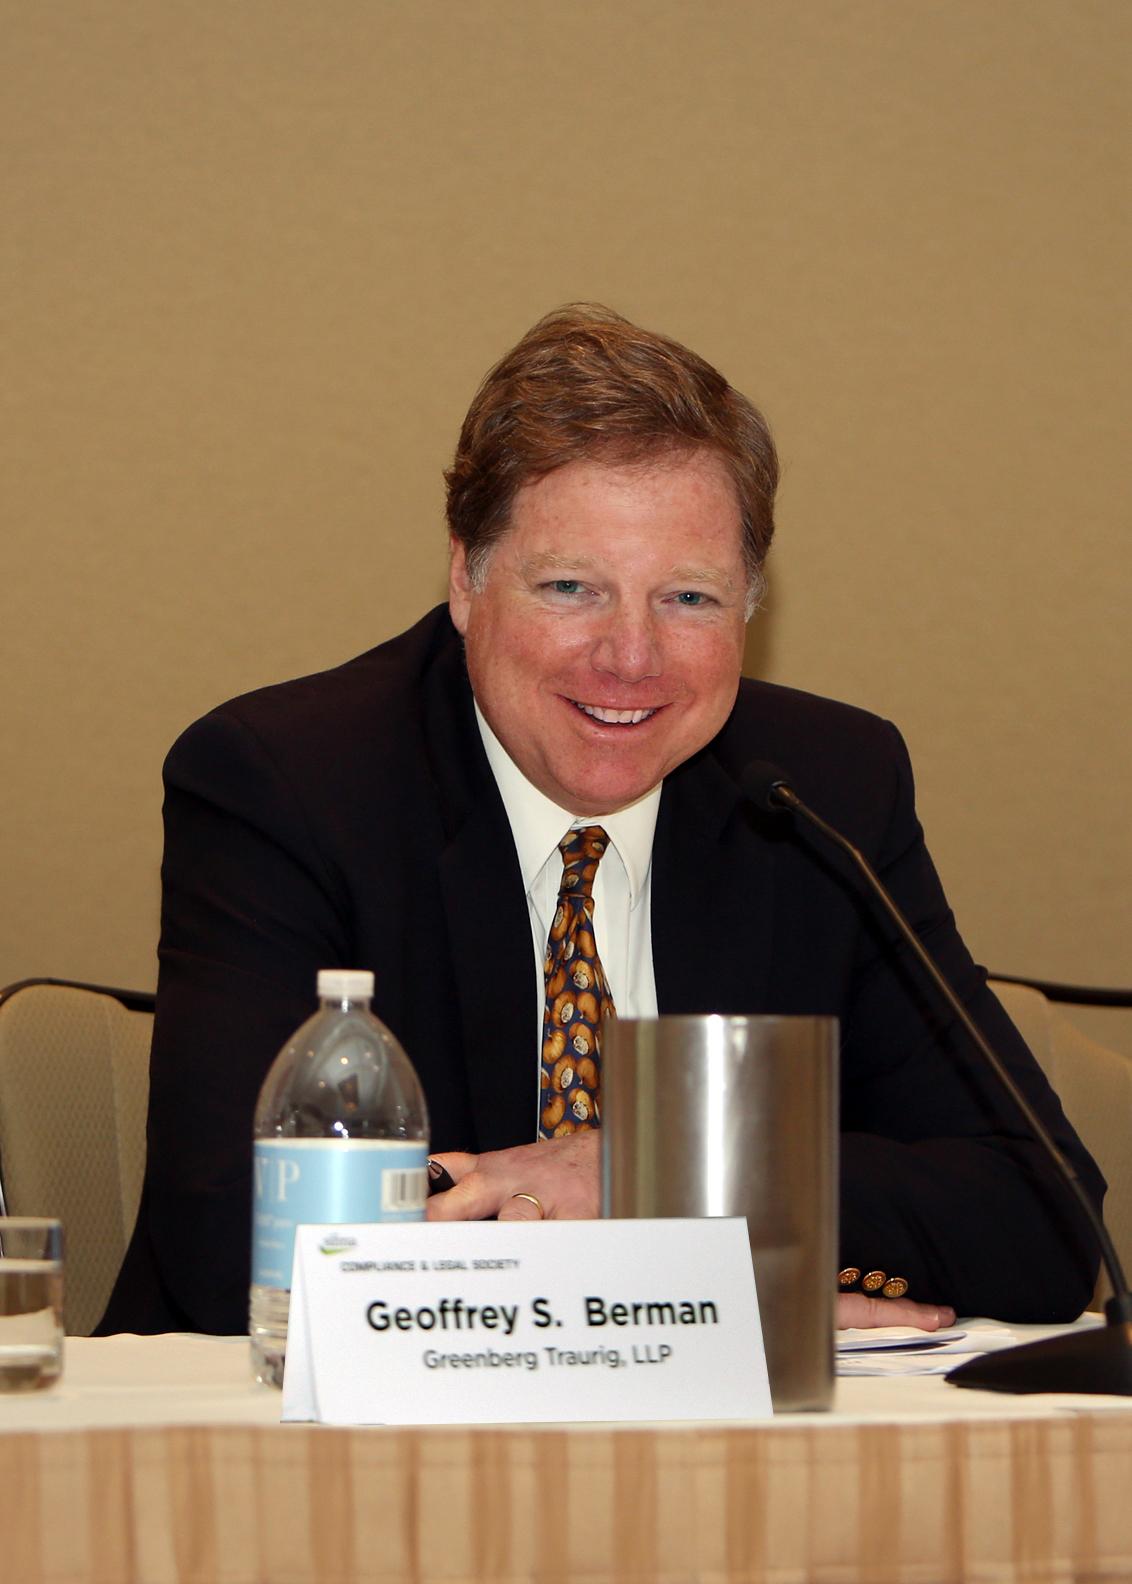 Greenberg Traurig S Geoffrey S Berman Speaks At Sifma Seminar